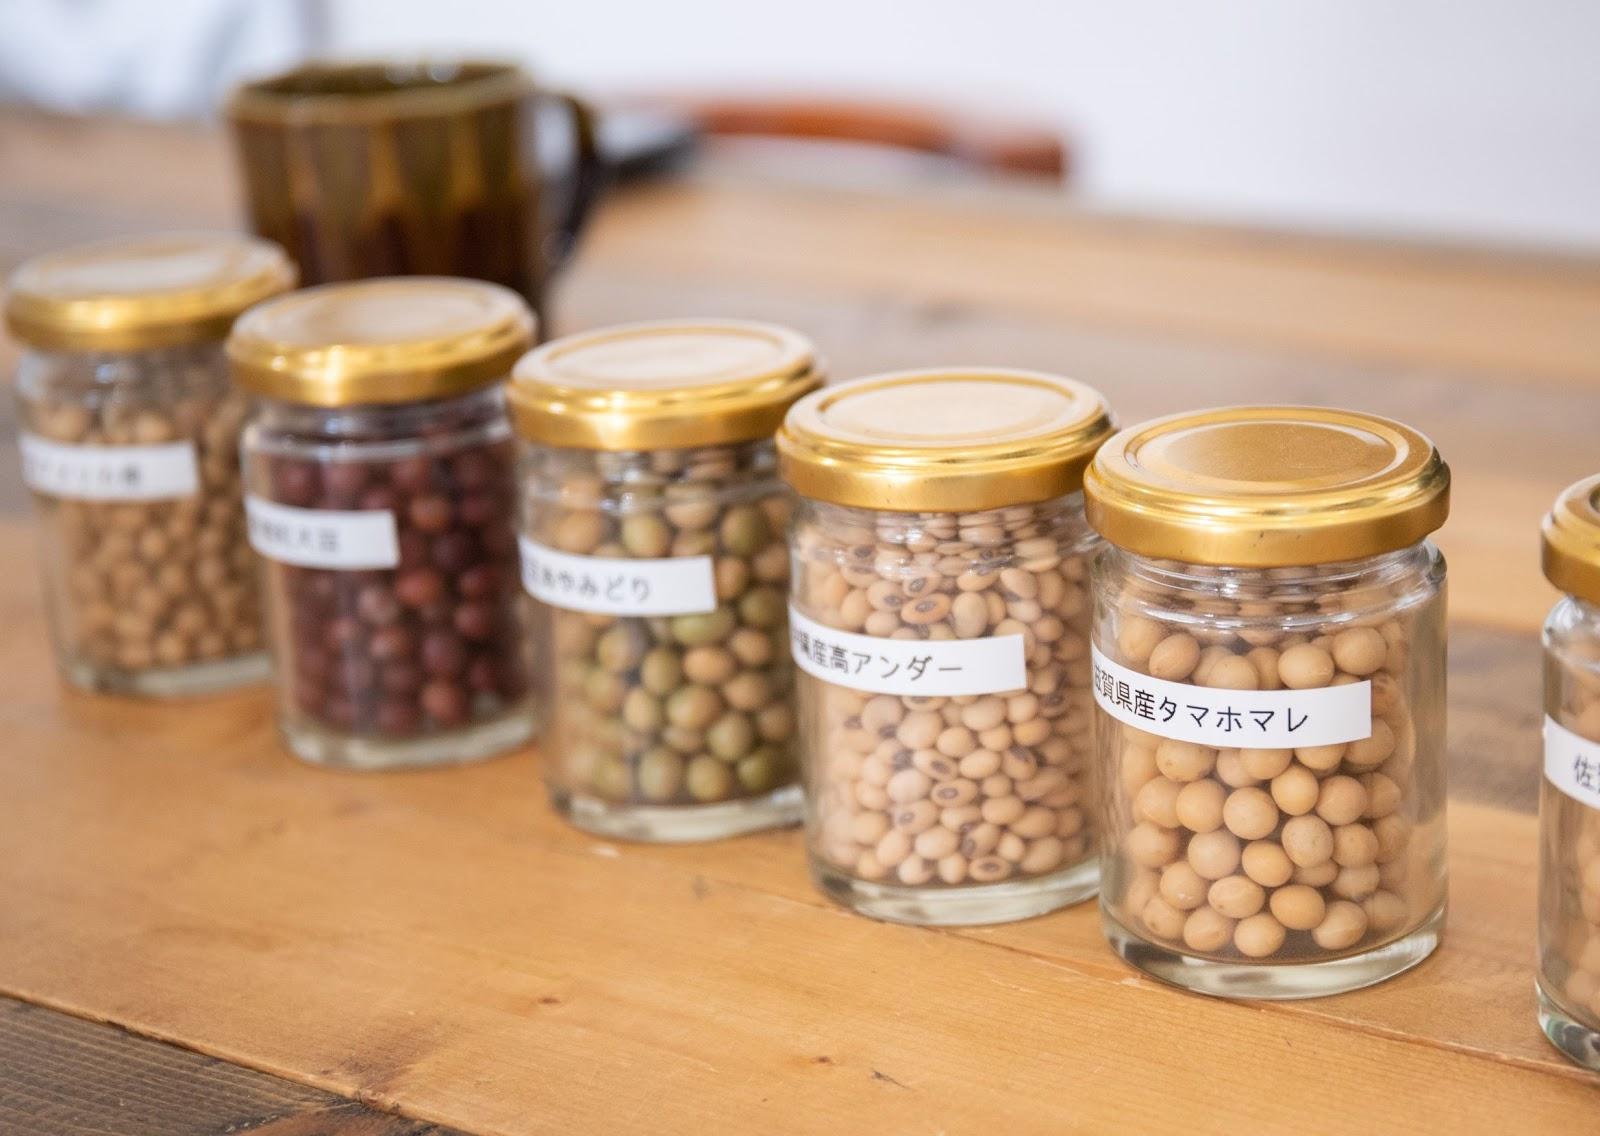 数ある大豆から食べ比べ、滋賀県産の「タマホマレ」を採用